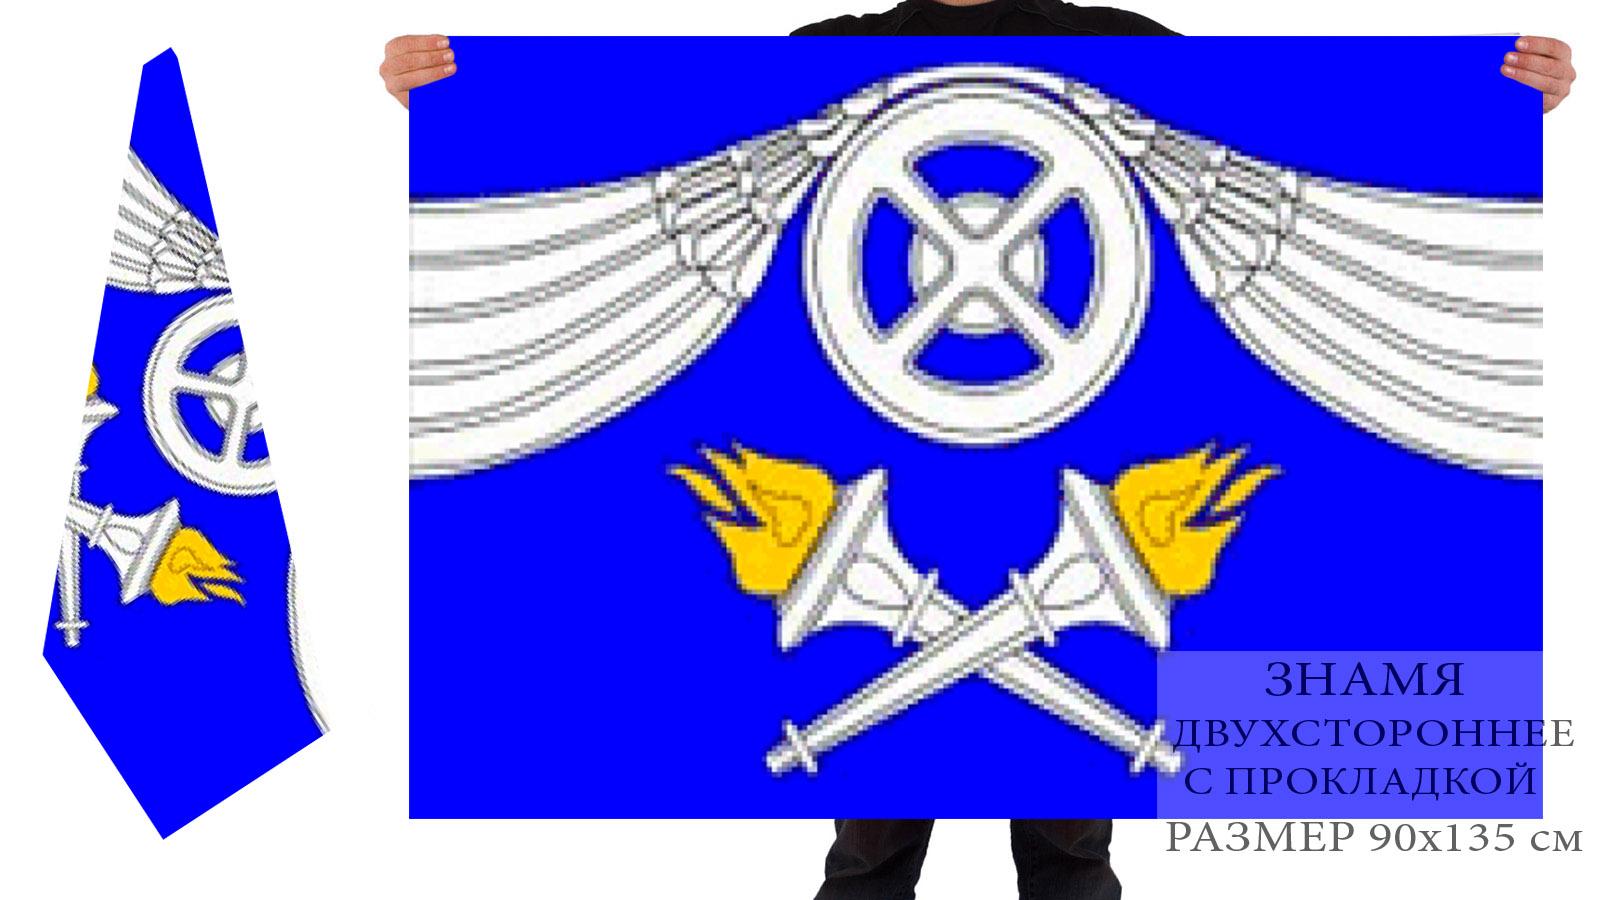 Двусторонний флаг внутригородского муниципального образования муниципальный округ №75